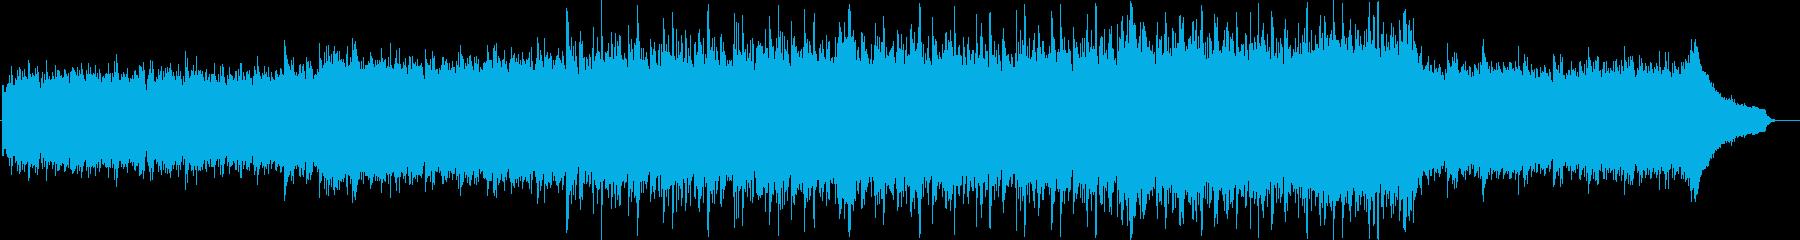 企業VPや映像63、オーケストラ、壮大bの再生済みの波形